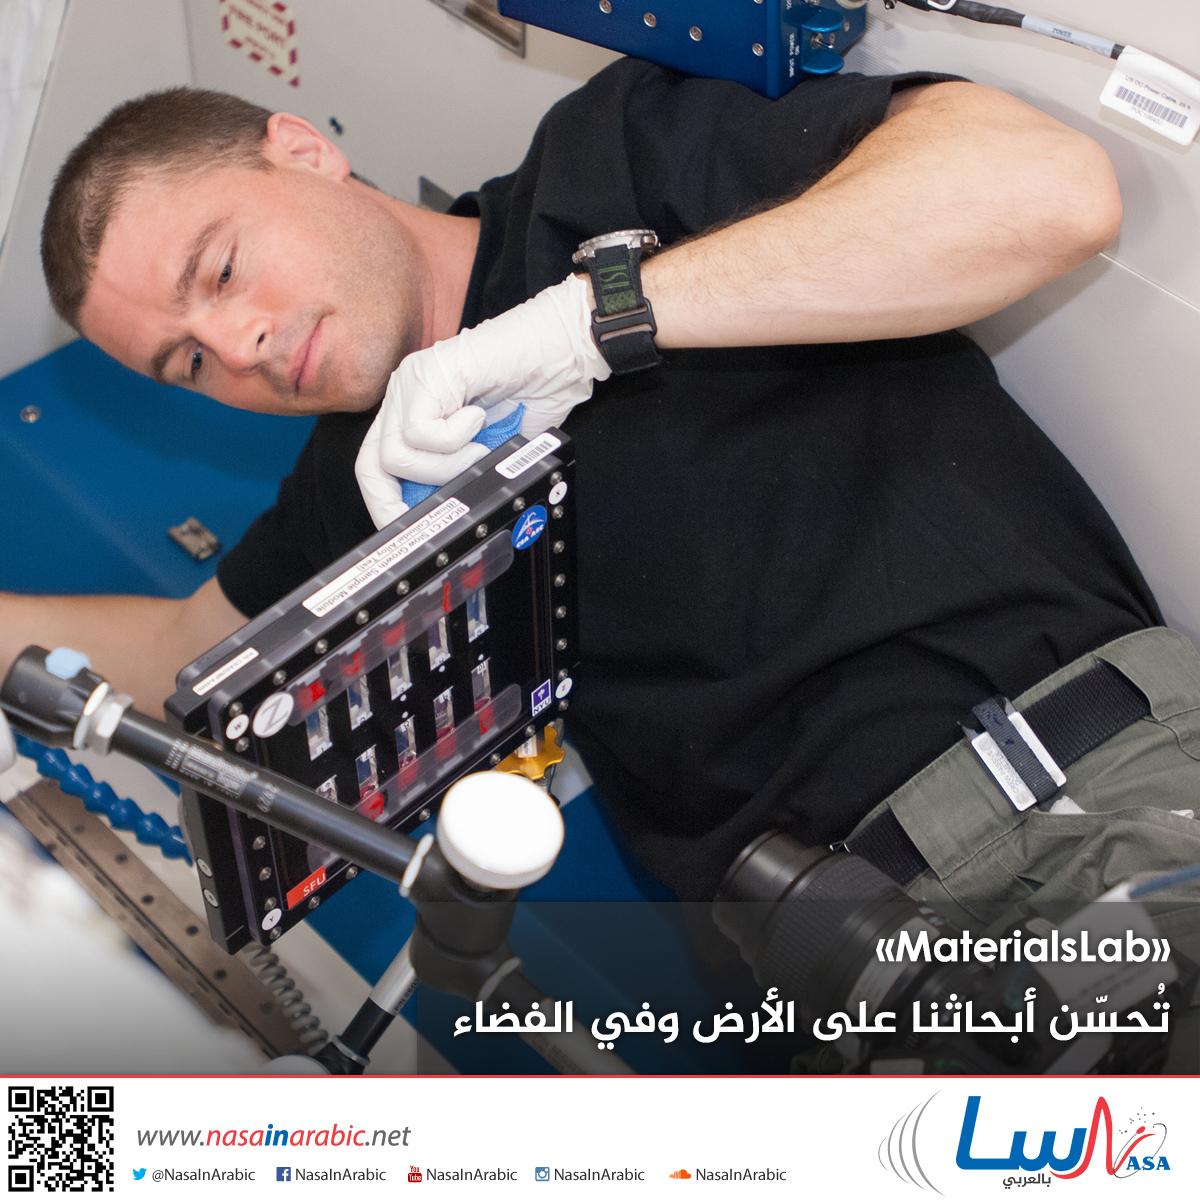 MaterialsLab تُحسّن أبحاثنا على الأرض وفي الفضاء